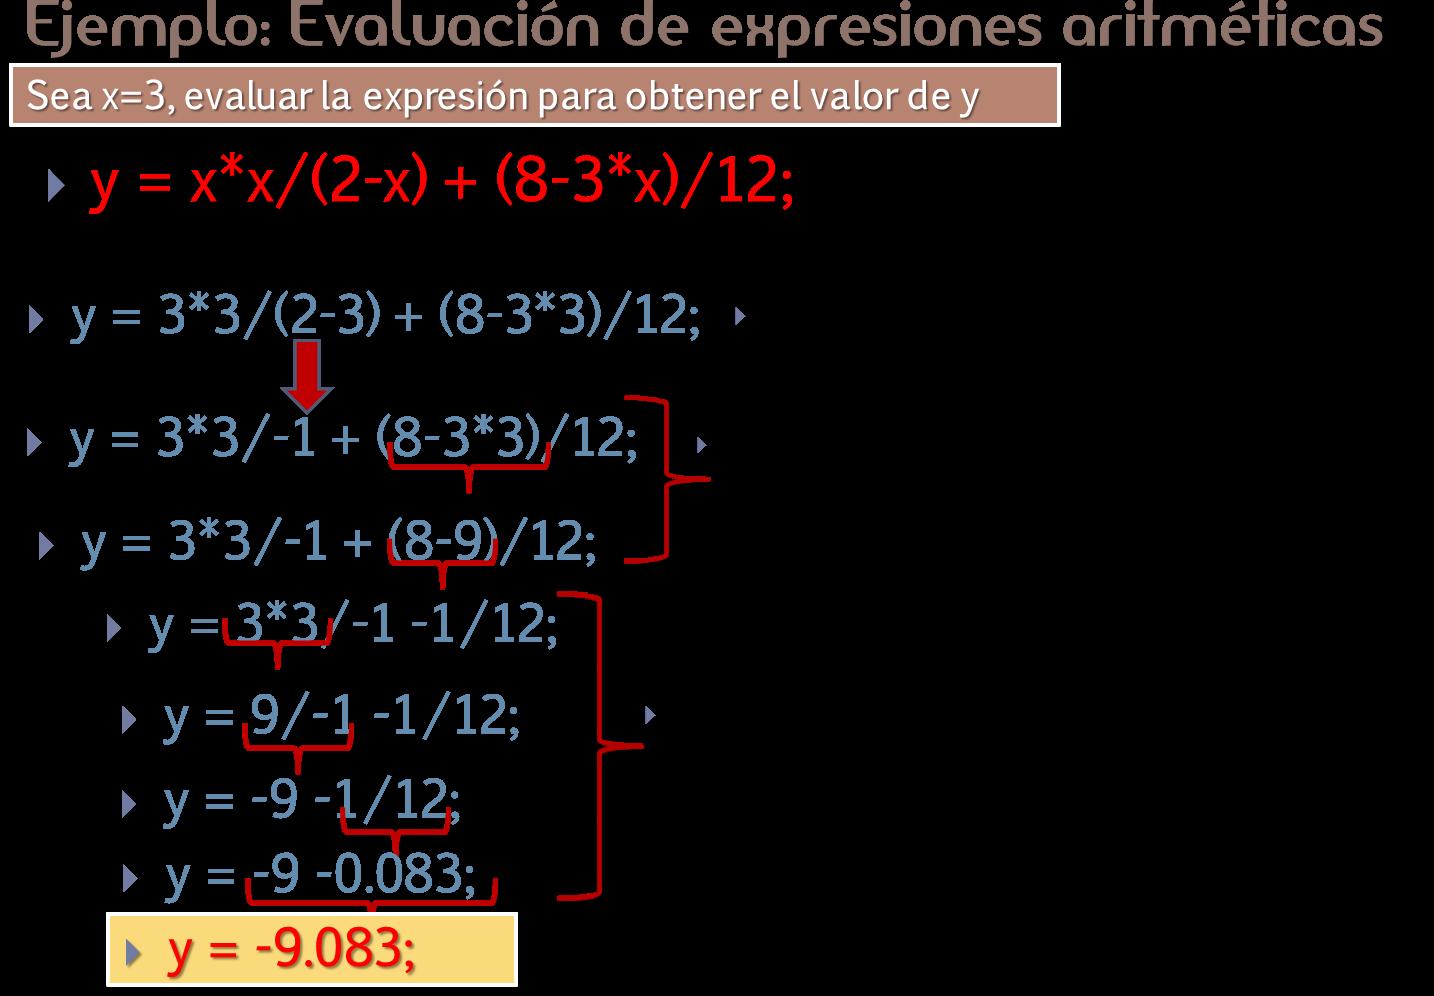 evaluacion1Aritm.fw